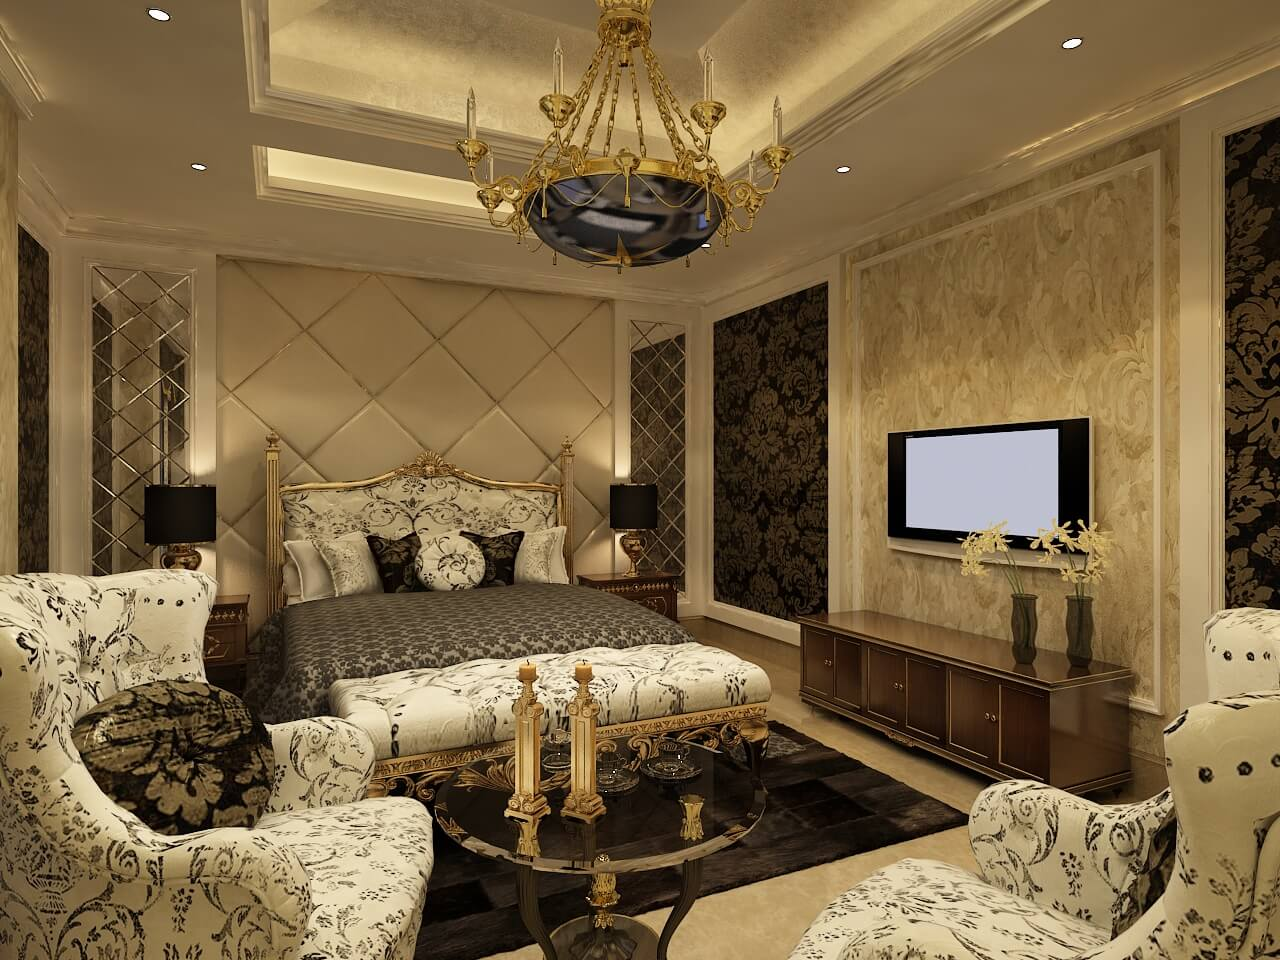 Private Villa, Emirates Hills - 24